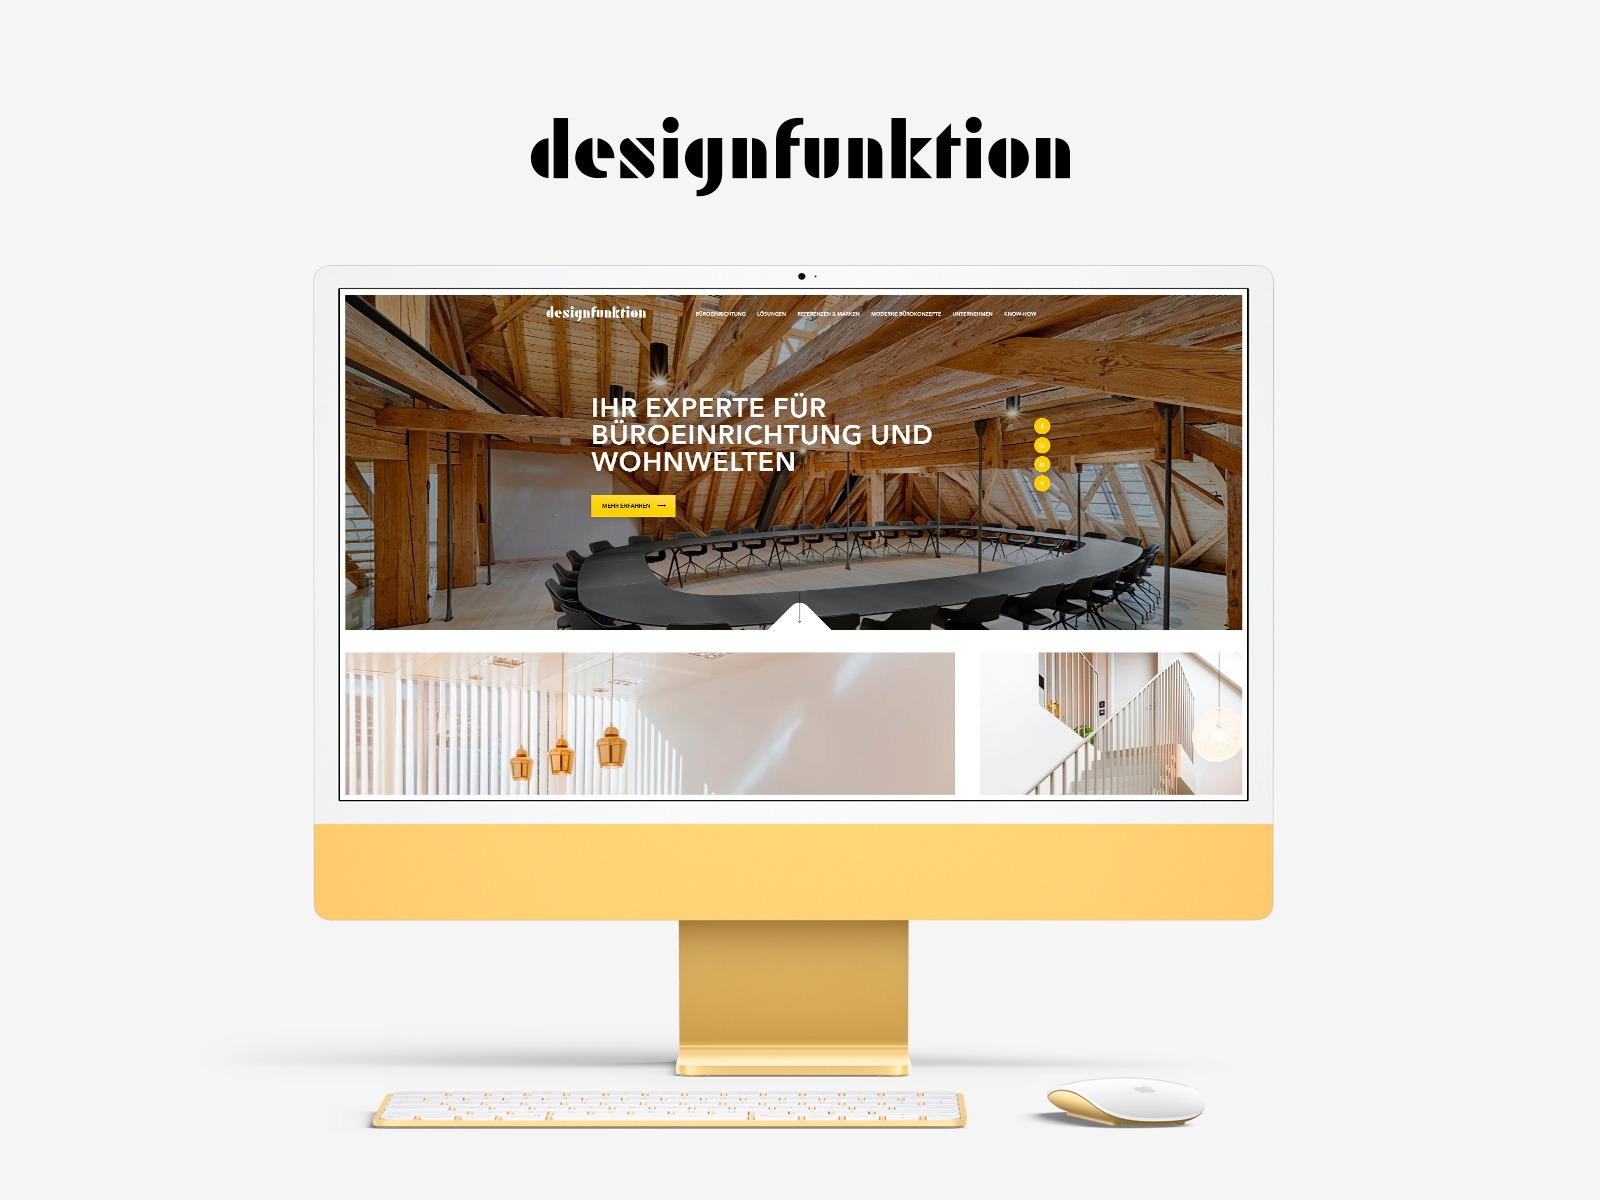 beetheme_designfunktion